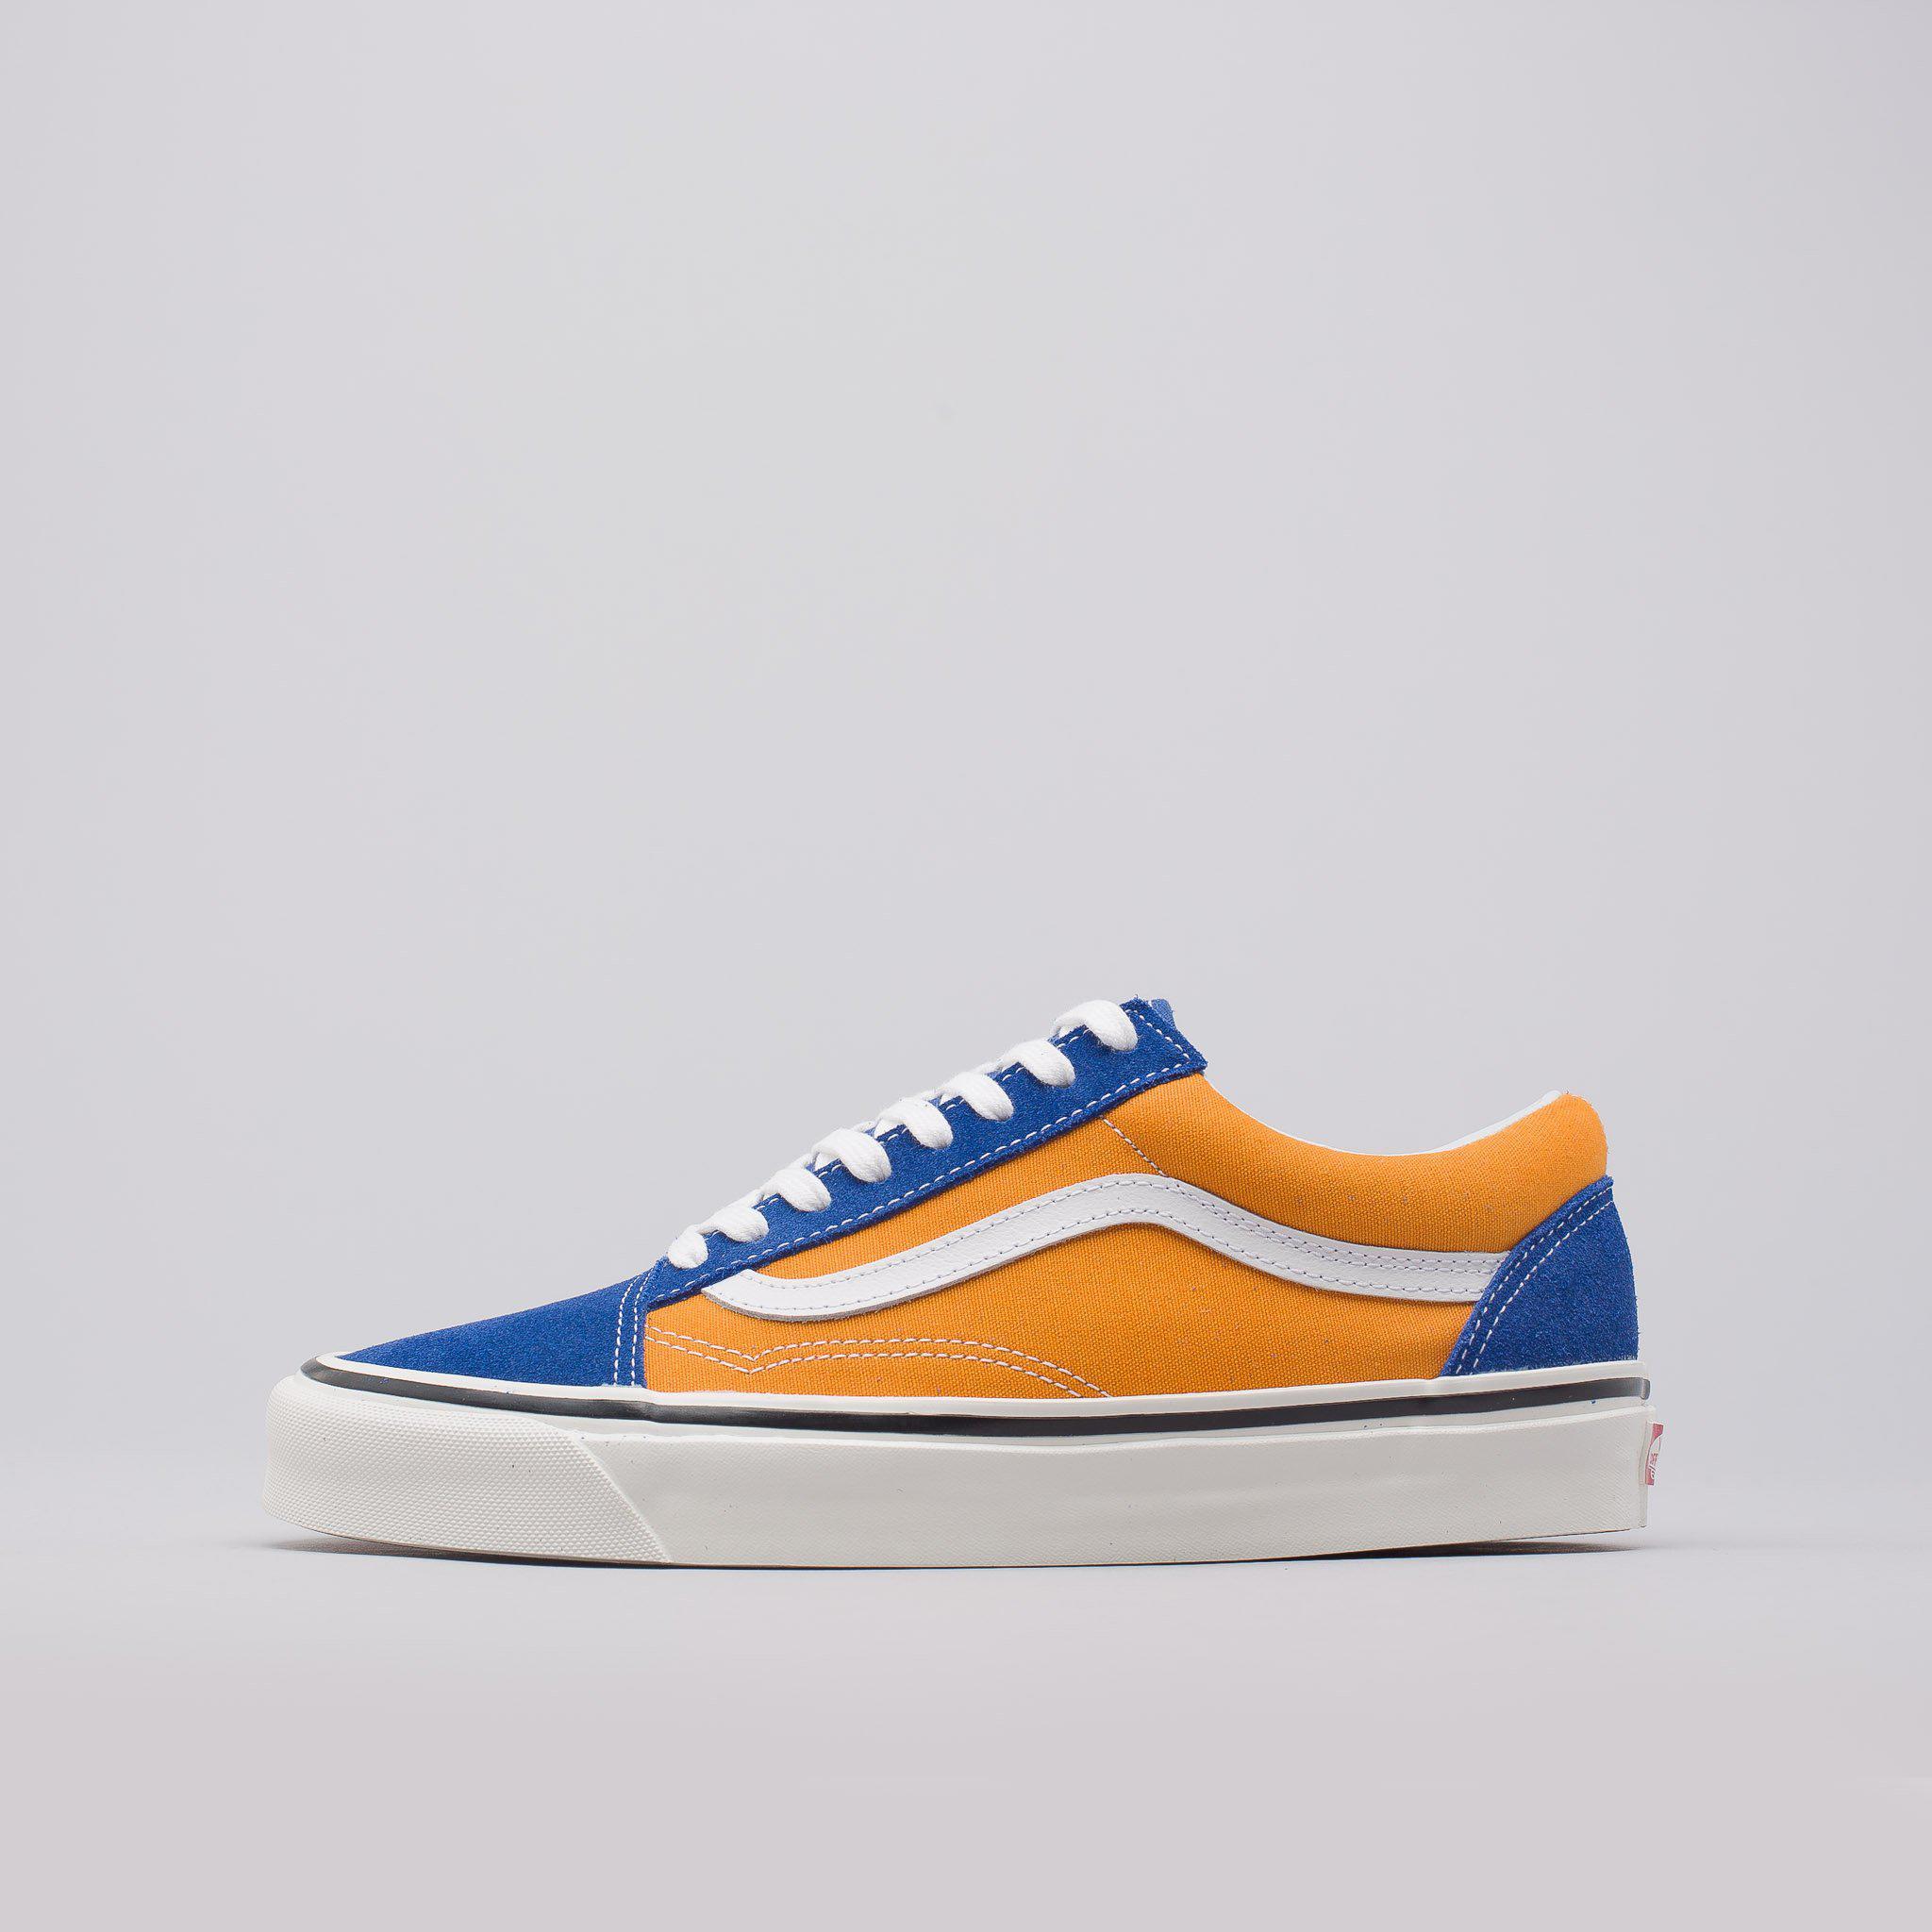 96884ffbe3 Lyst - Vans Old Skool 36 Dx Anaheim Factory In Og Blue in Blue for Men